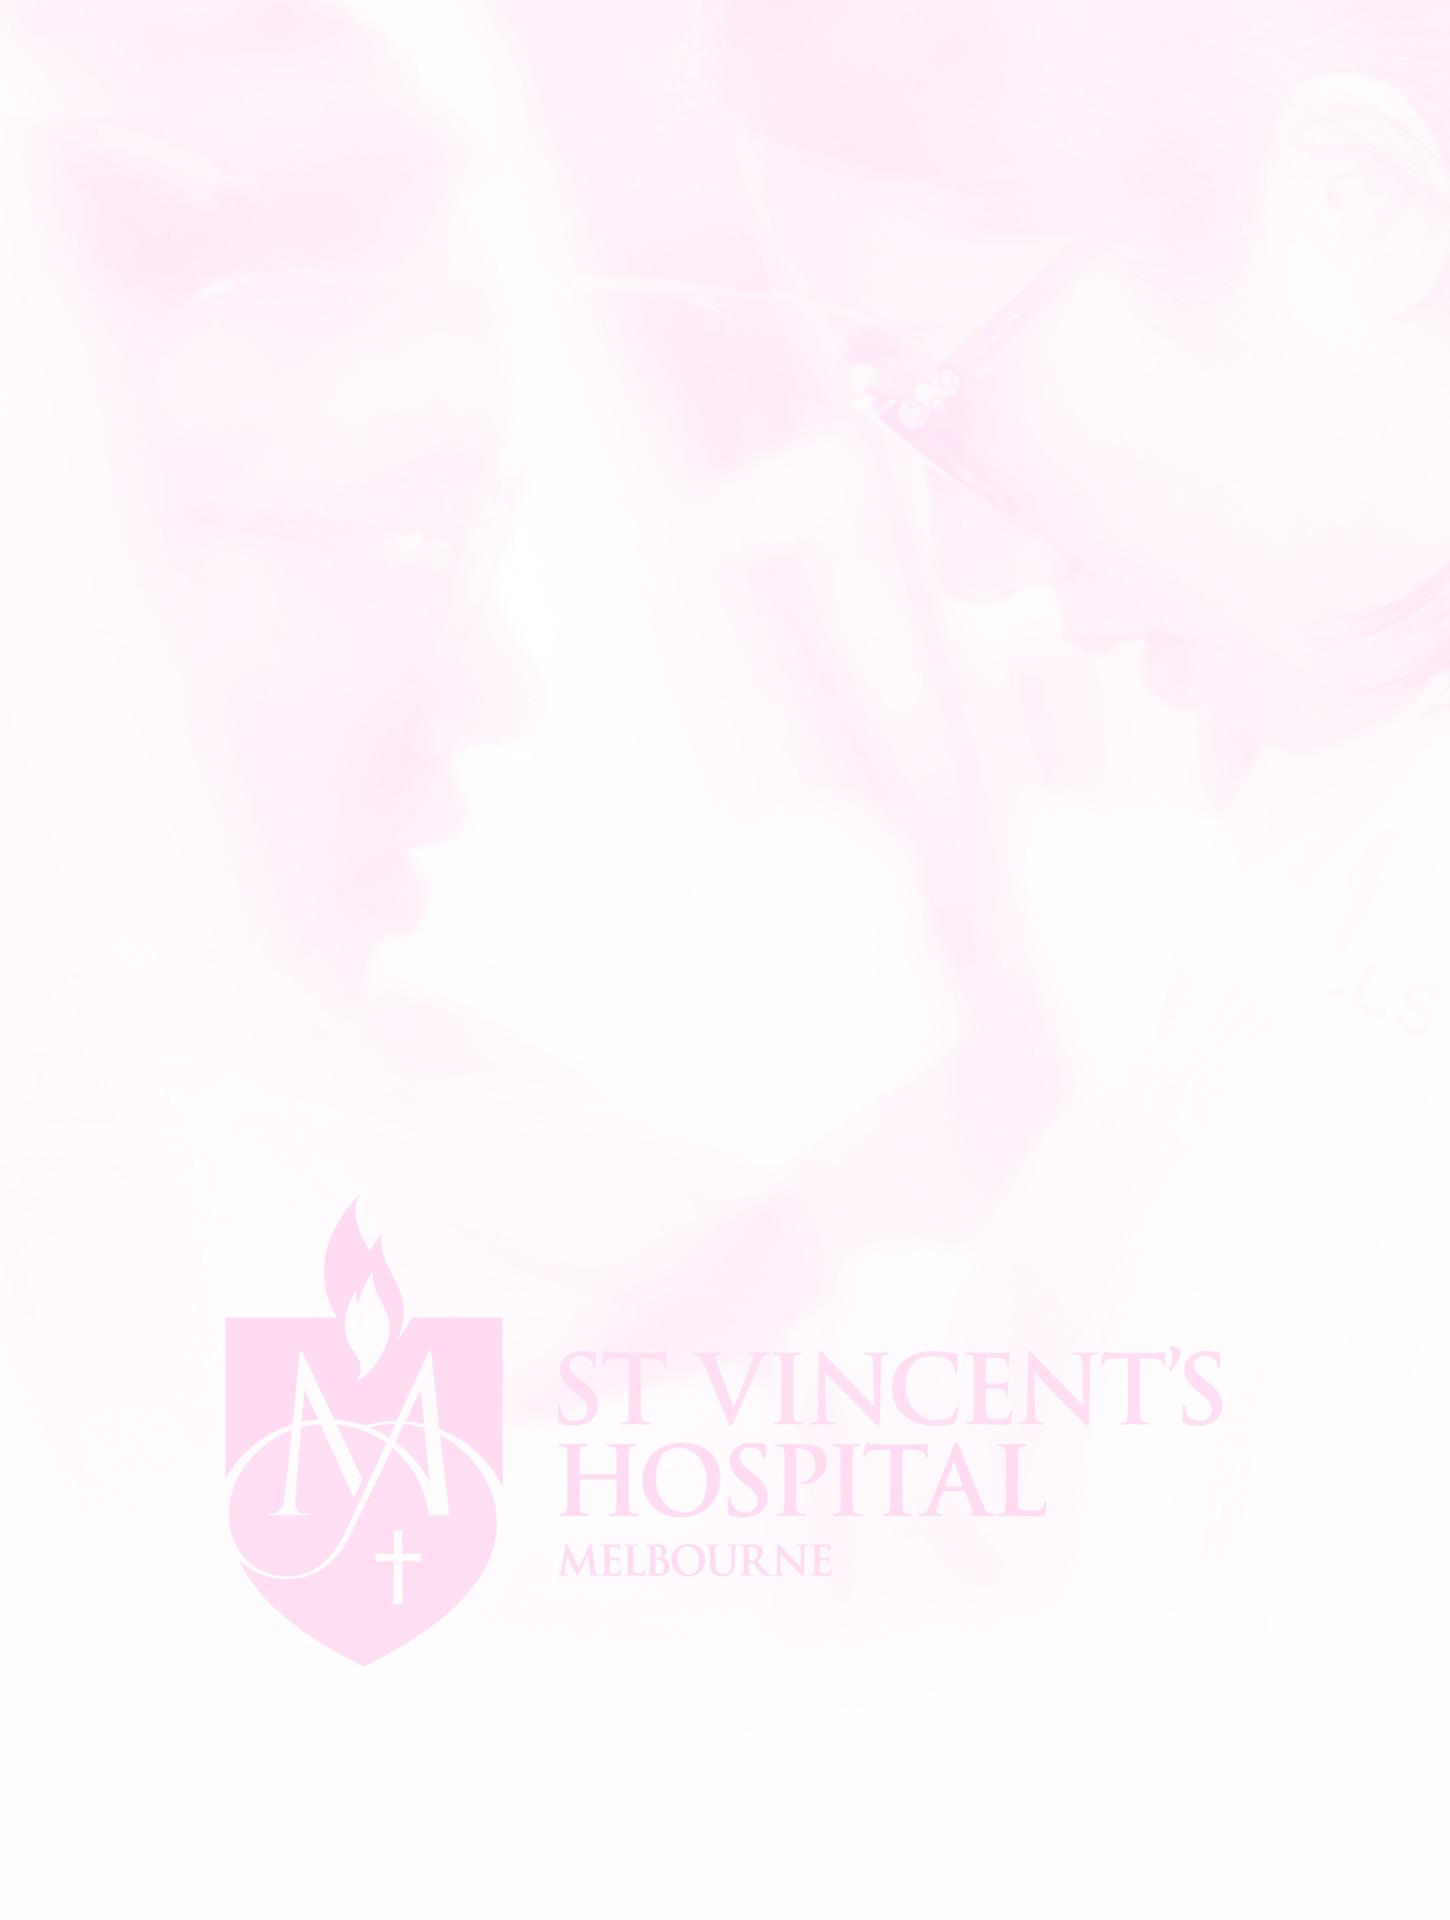 St-Vincents-Hospital-Melbourne-Graphic-Design